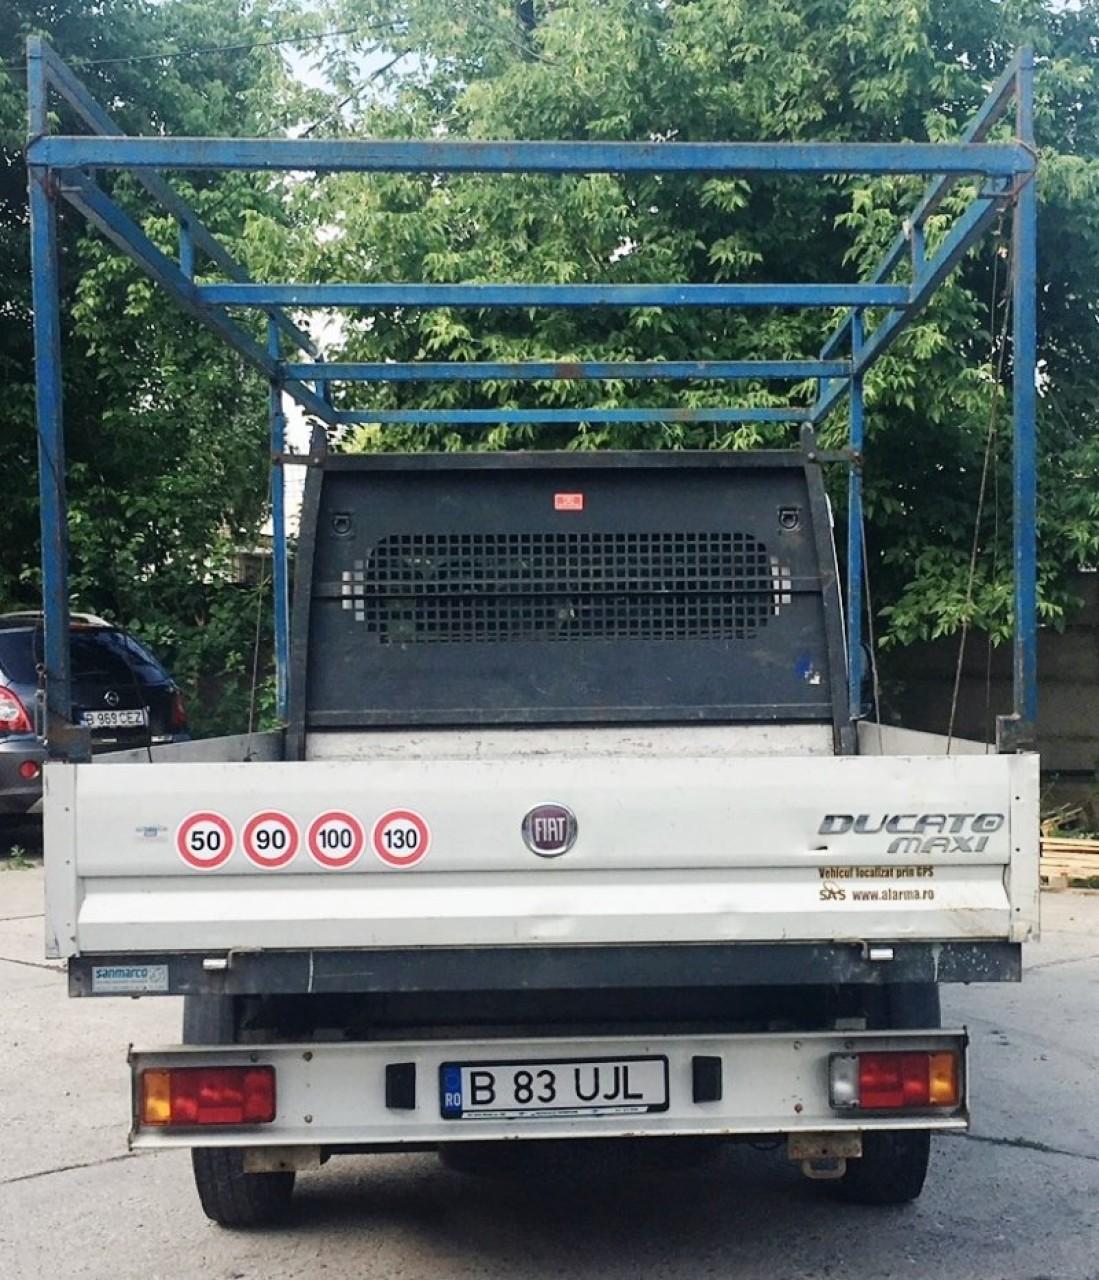 Fiat Ducato 2,3D Multijet 120CP, 7 locuri,primul proprietar,Km reali,carte service